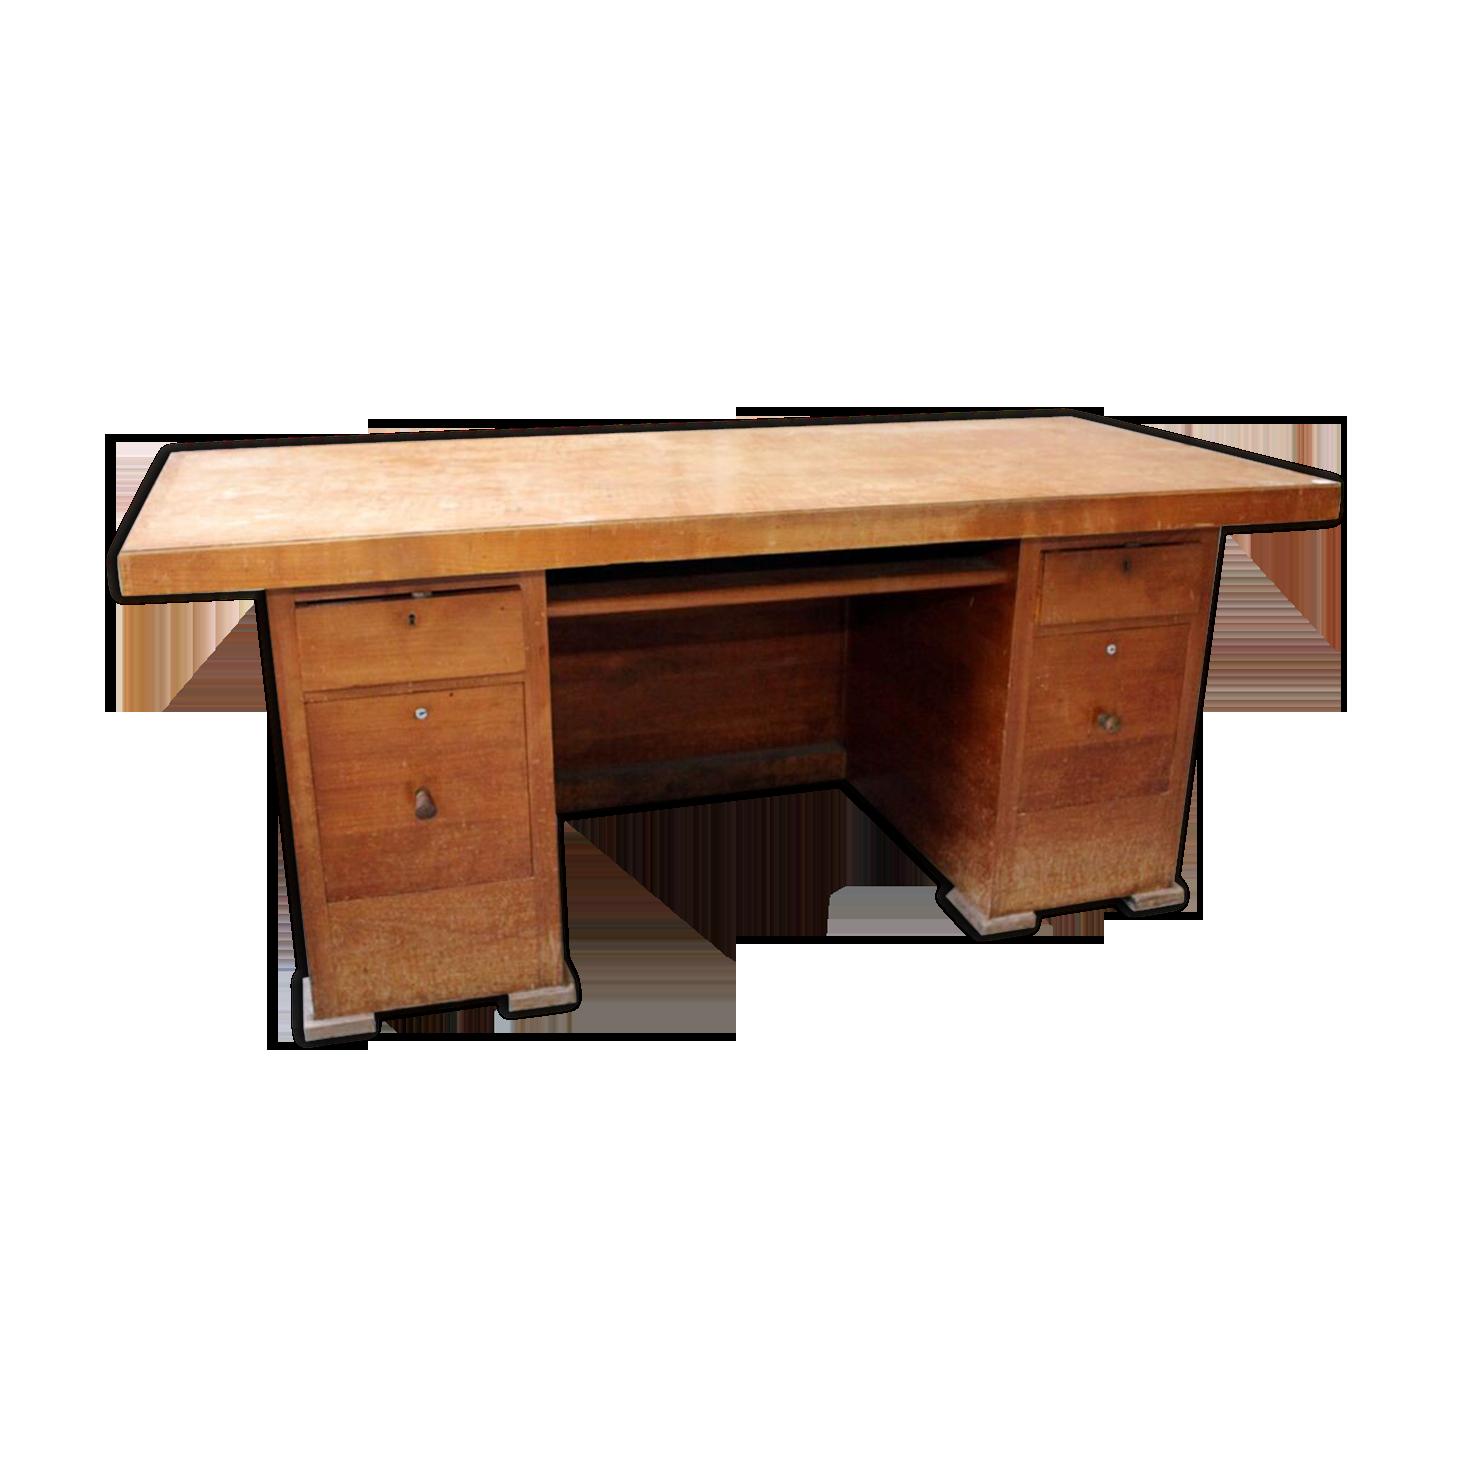 Bureau bois massif bois matériau bois couleur vintage